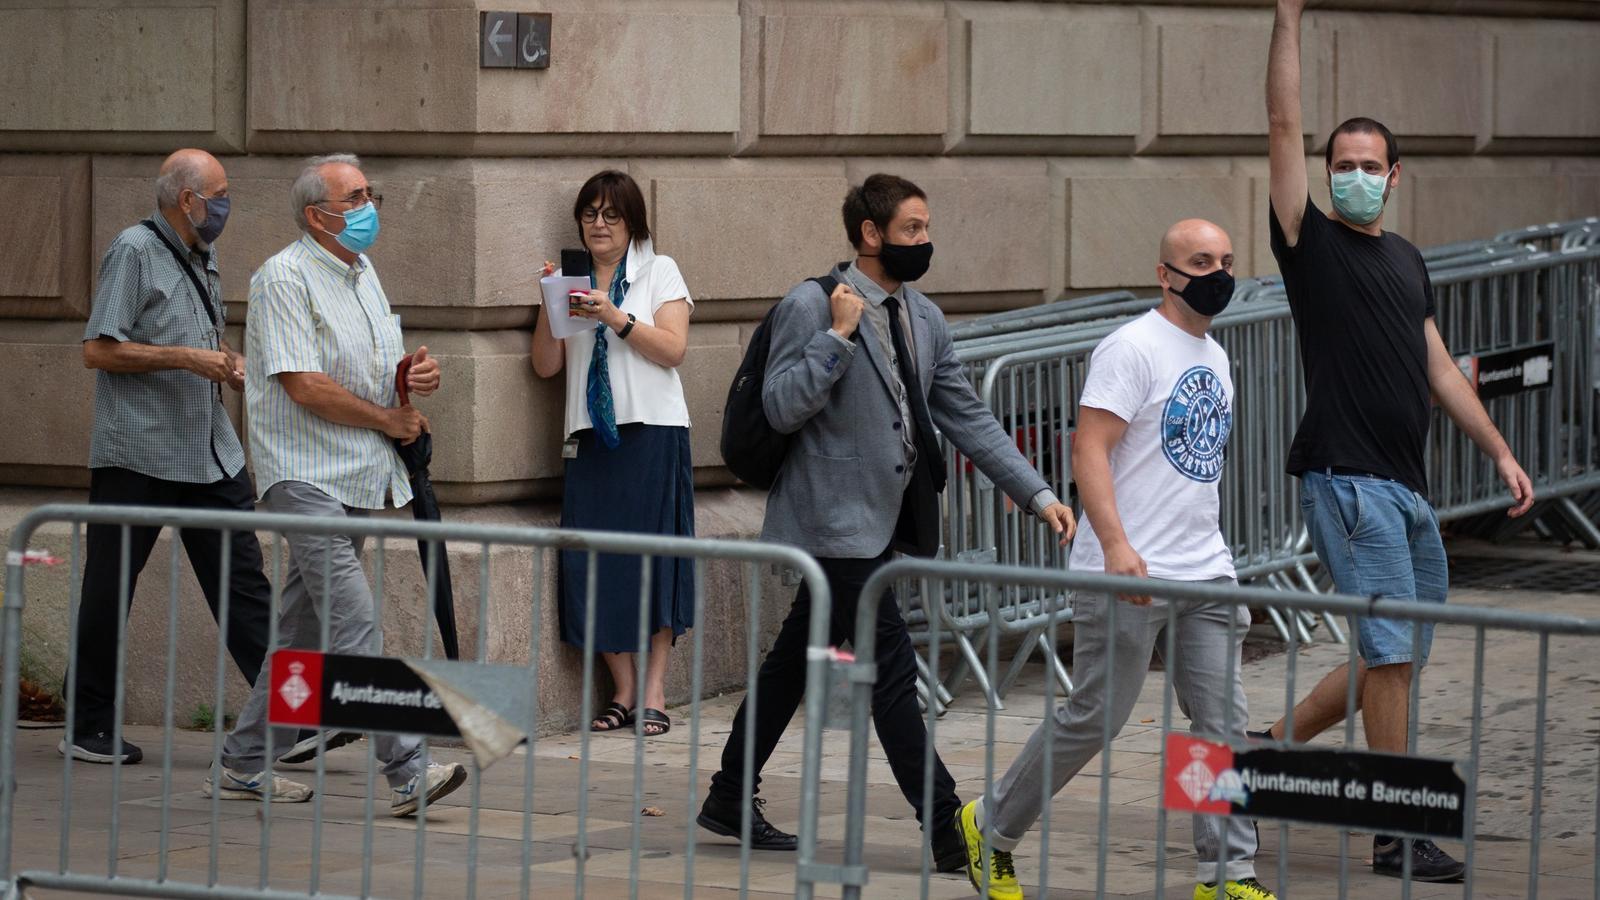 Els quatre acusats amb el seu advocat -al centre- a l'entrada de l'Audiència de Barcelona aquest dilluns